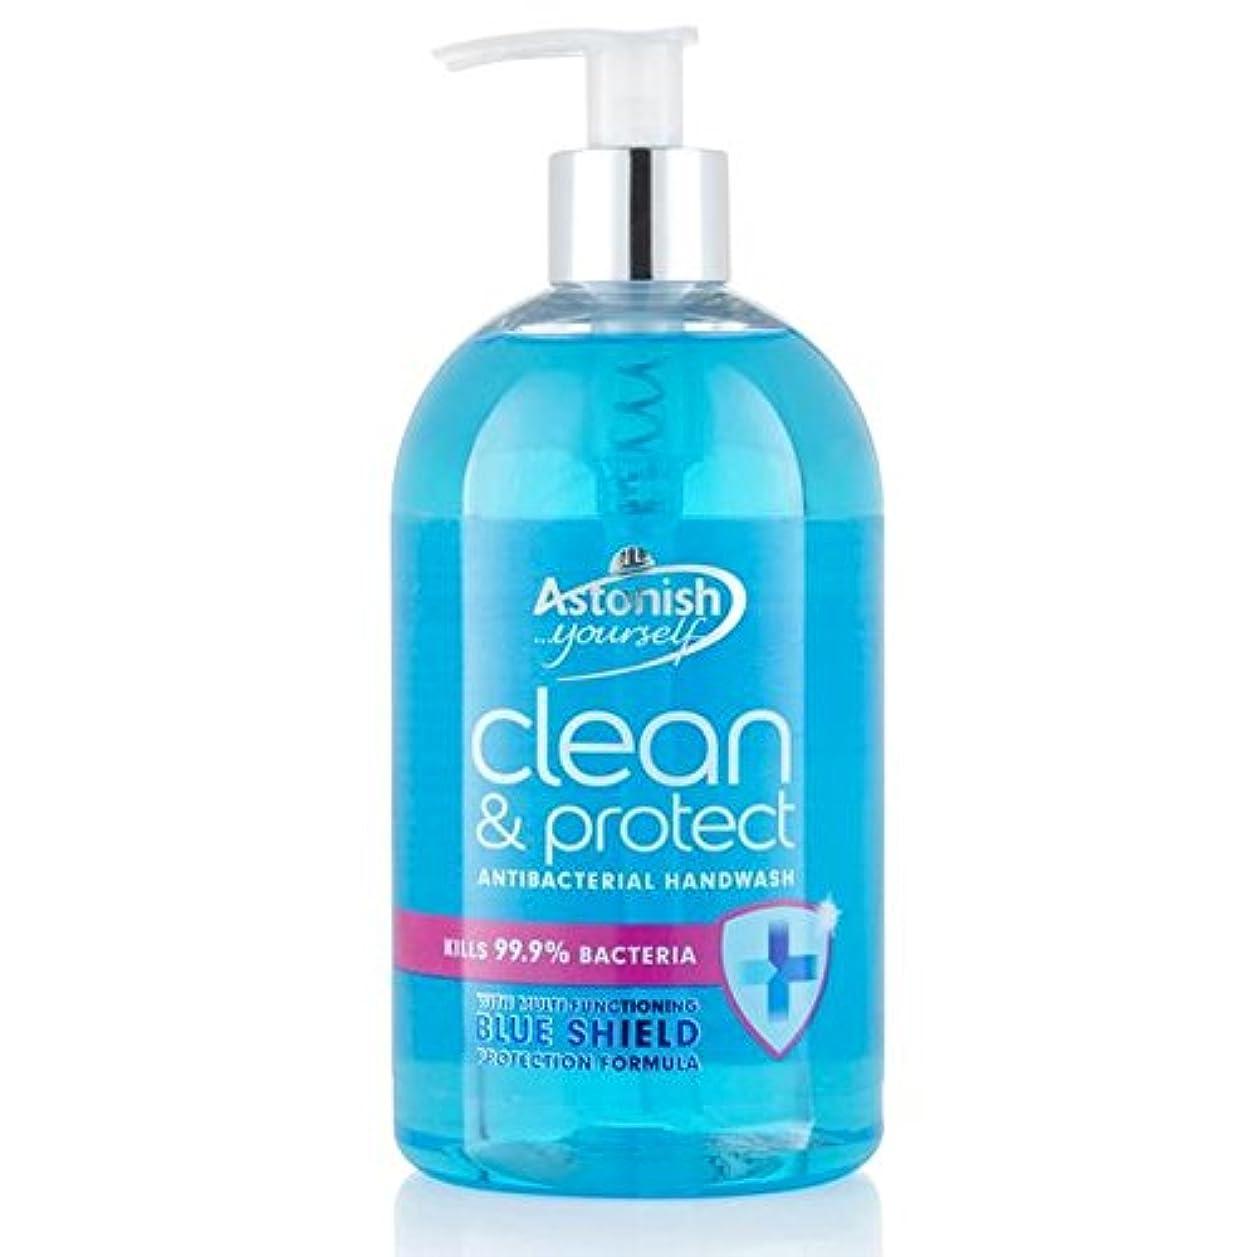 ロバ信じる咳Astonish Clean & Protect Hand Wash 500ml - クリーン驚か&ハンドウォッシュ500ミリリットルを保護 [並行輸入品]